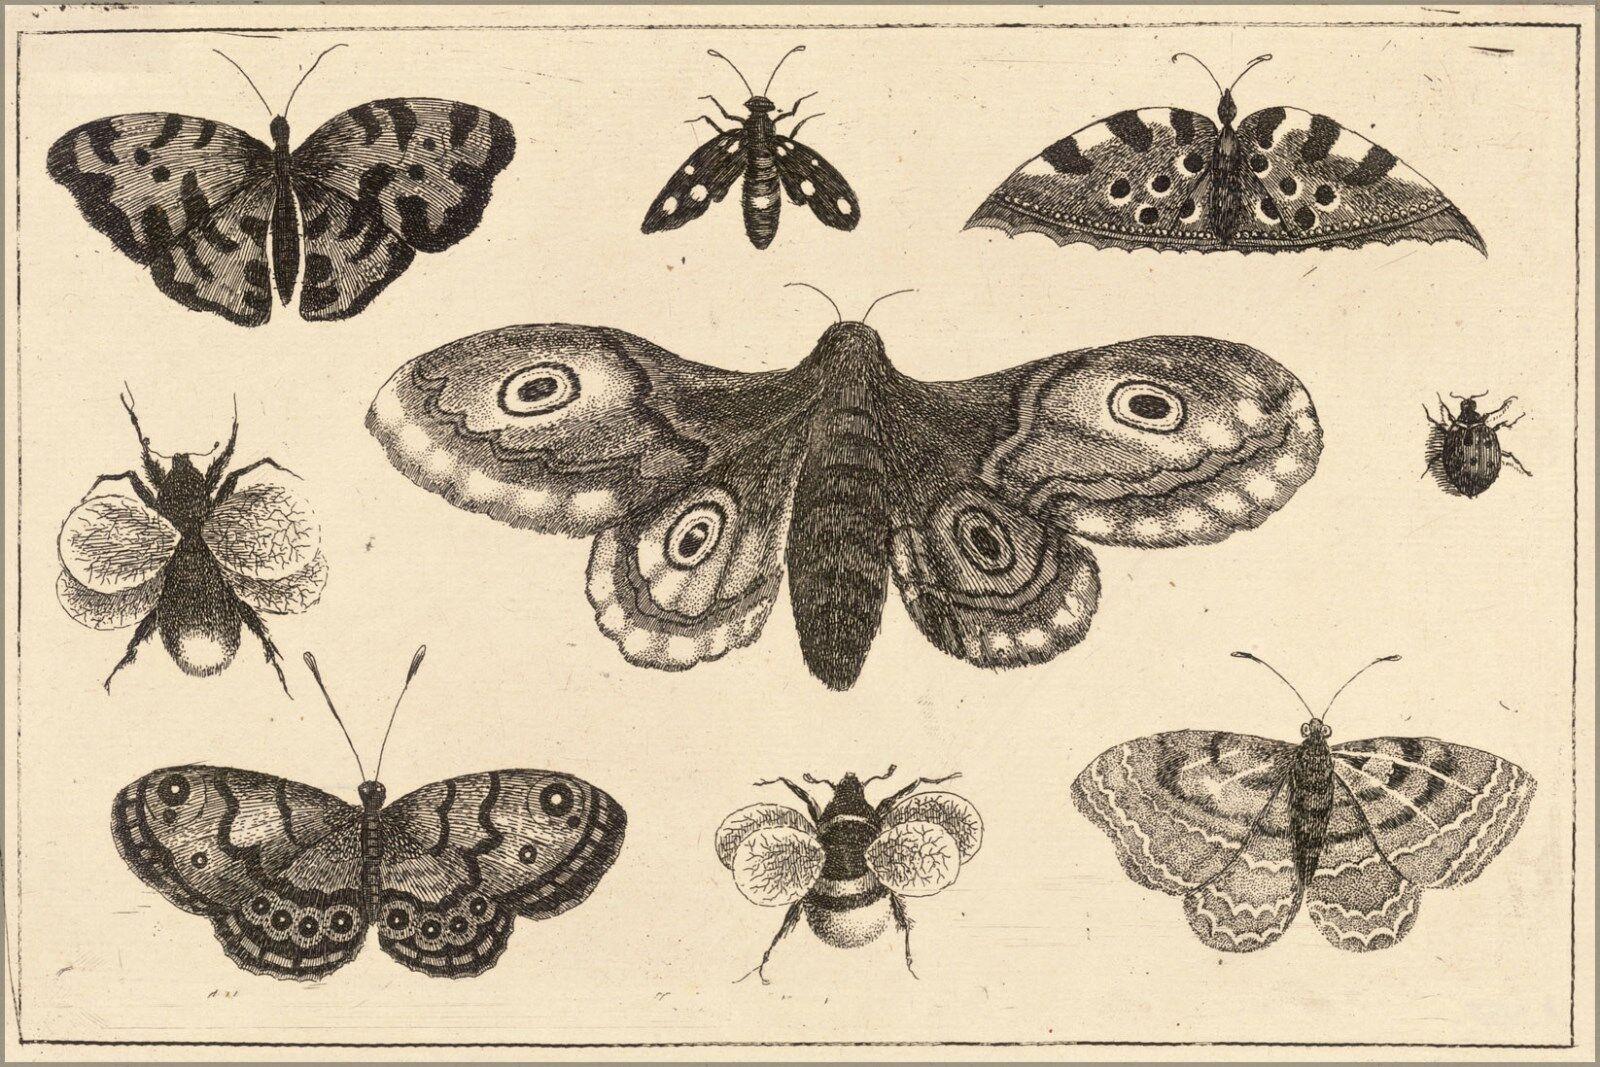 Plakat, Viele Größen; Wenceslas Hollar - ein Motte, Schmetterlinge, und Bienen